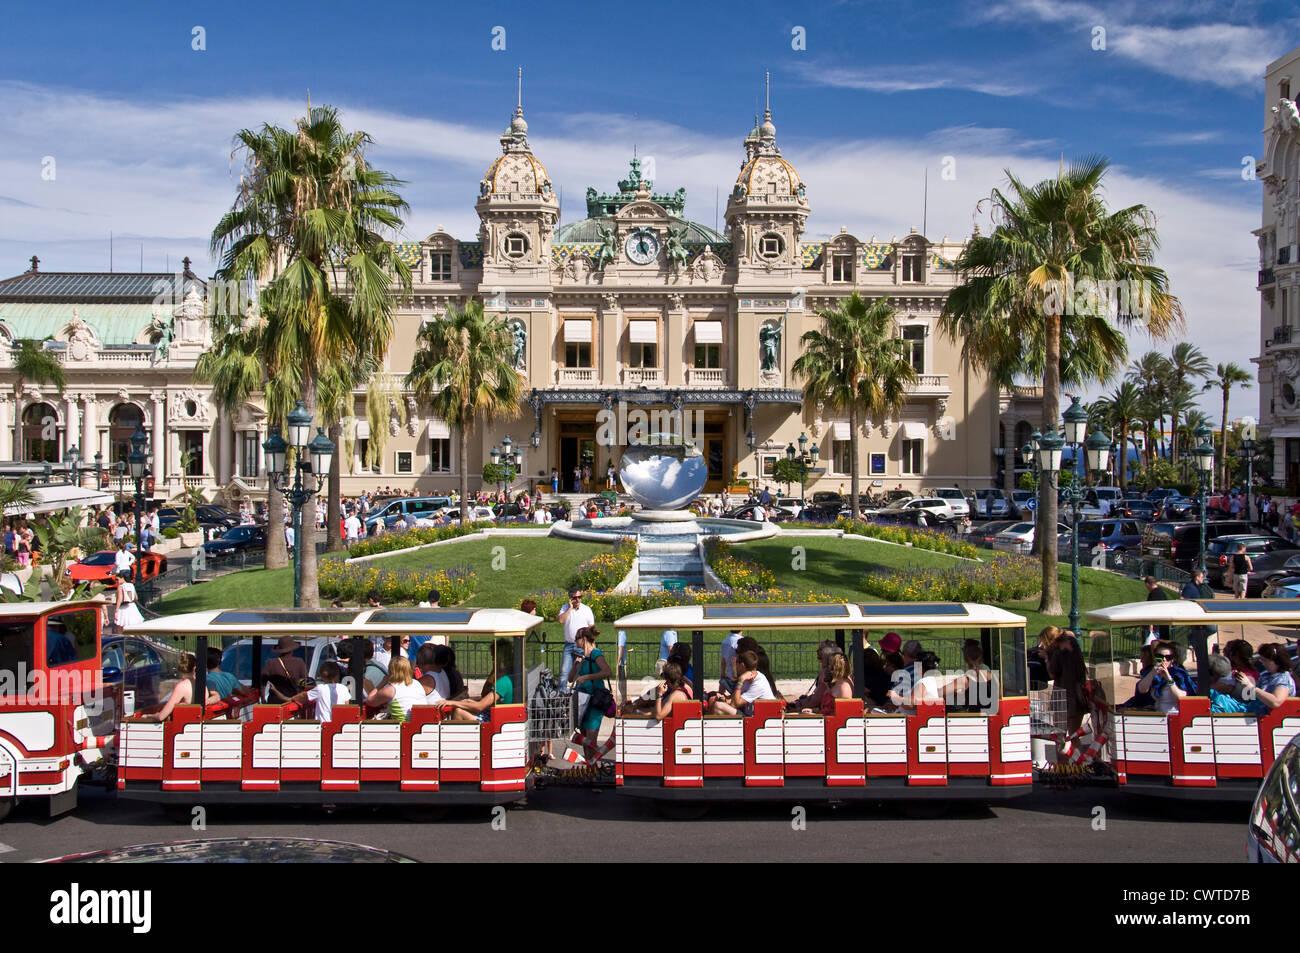 Touristic small train in front of the casino of Monte-Carlo - Monaco - Stock Image